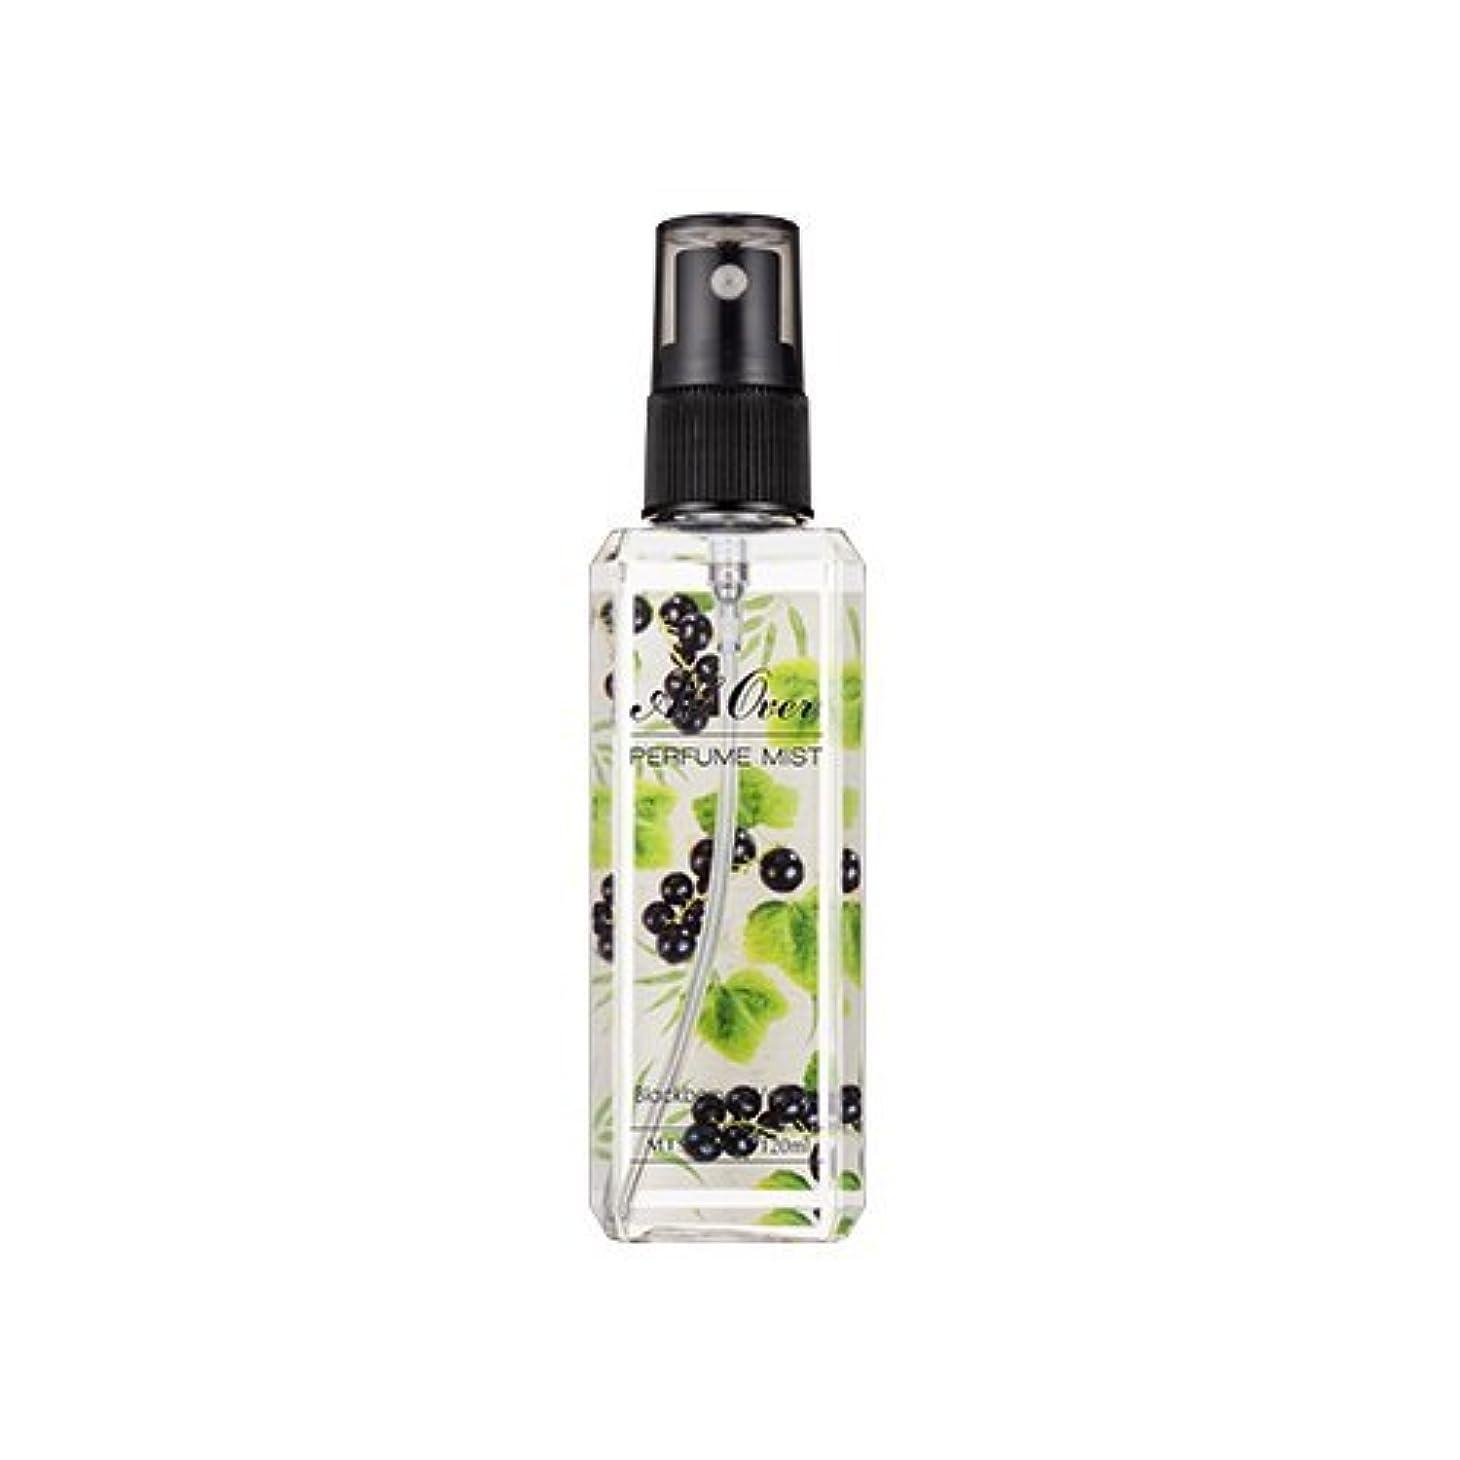 ハードウェアポルノモンキーMISSHA All Over Perfumed Mist(BlackBerry & Vetiver)t / ミシャ オールオーバーパフュームミスト (BlackBerry & Vetiver) [並行輸入品]